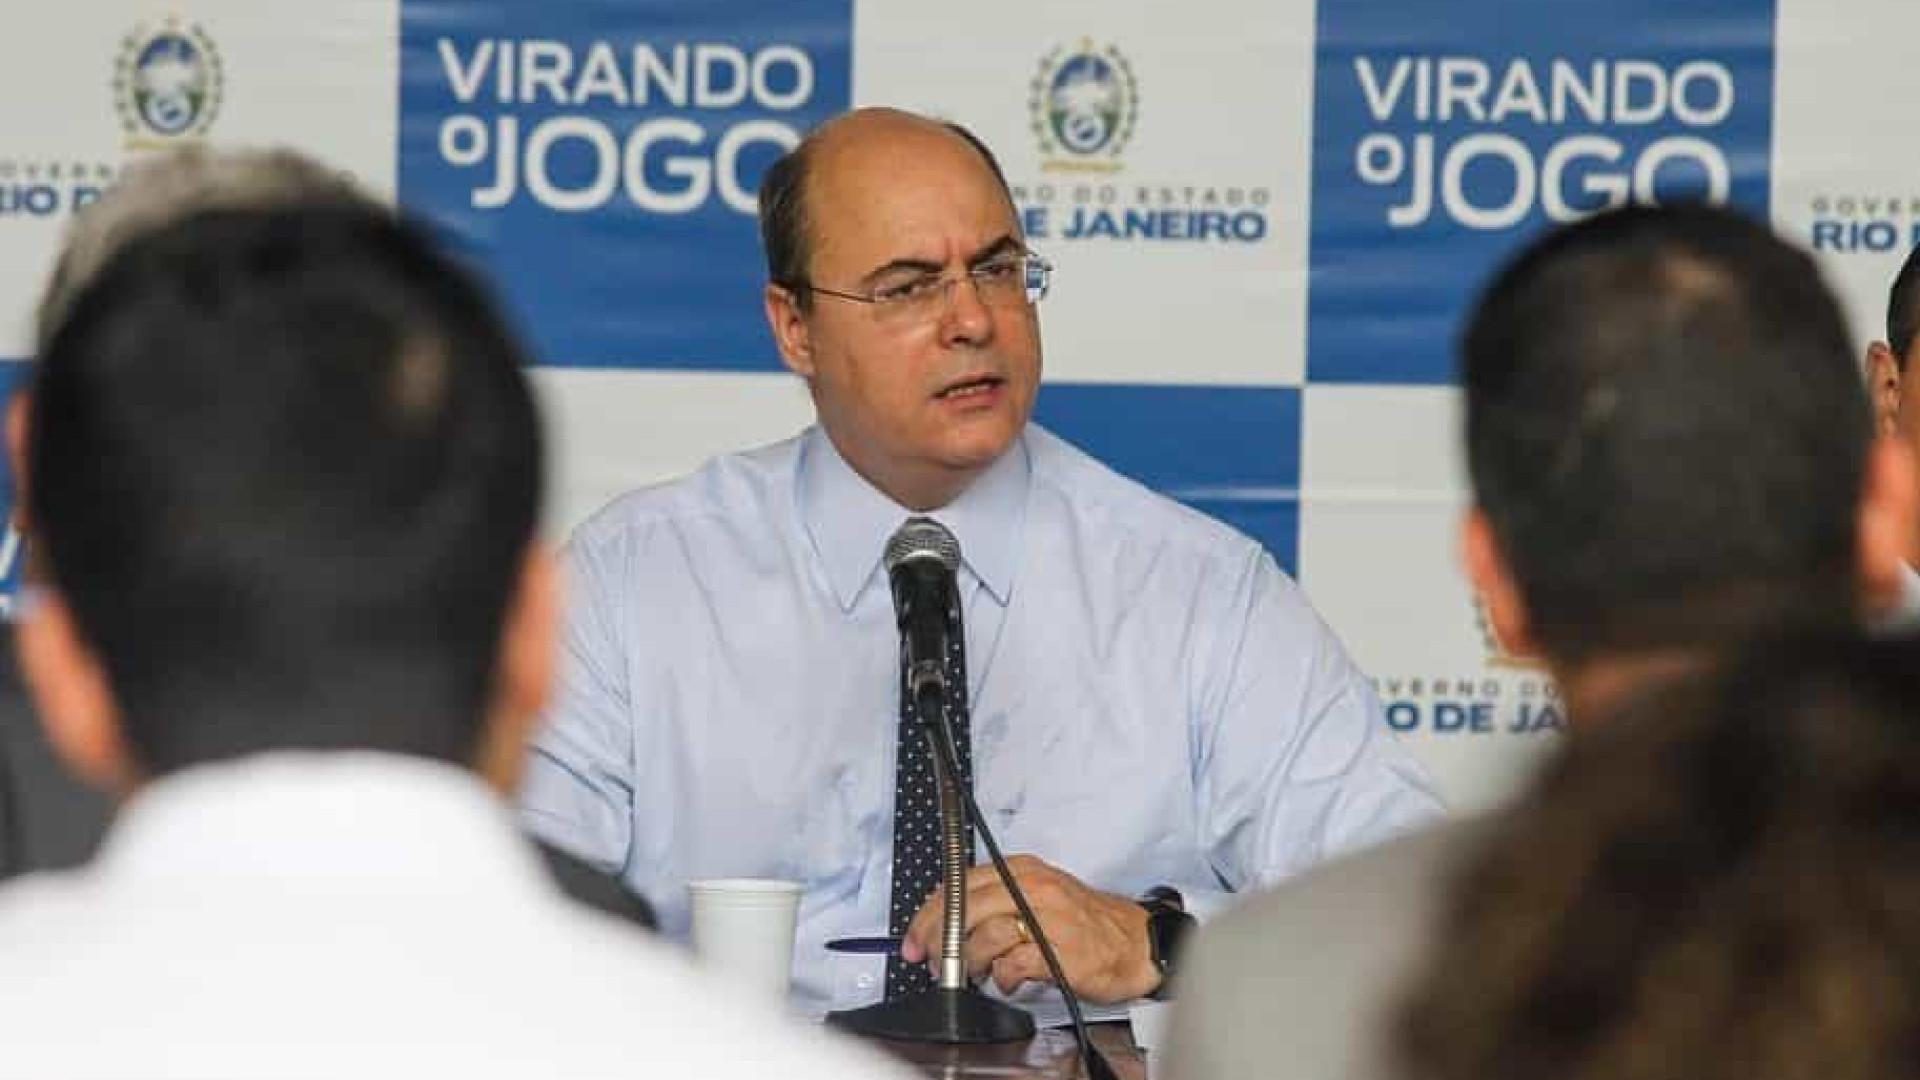 Coronavírus: bancos voltam a funcionar no estado do Rio